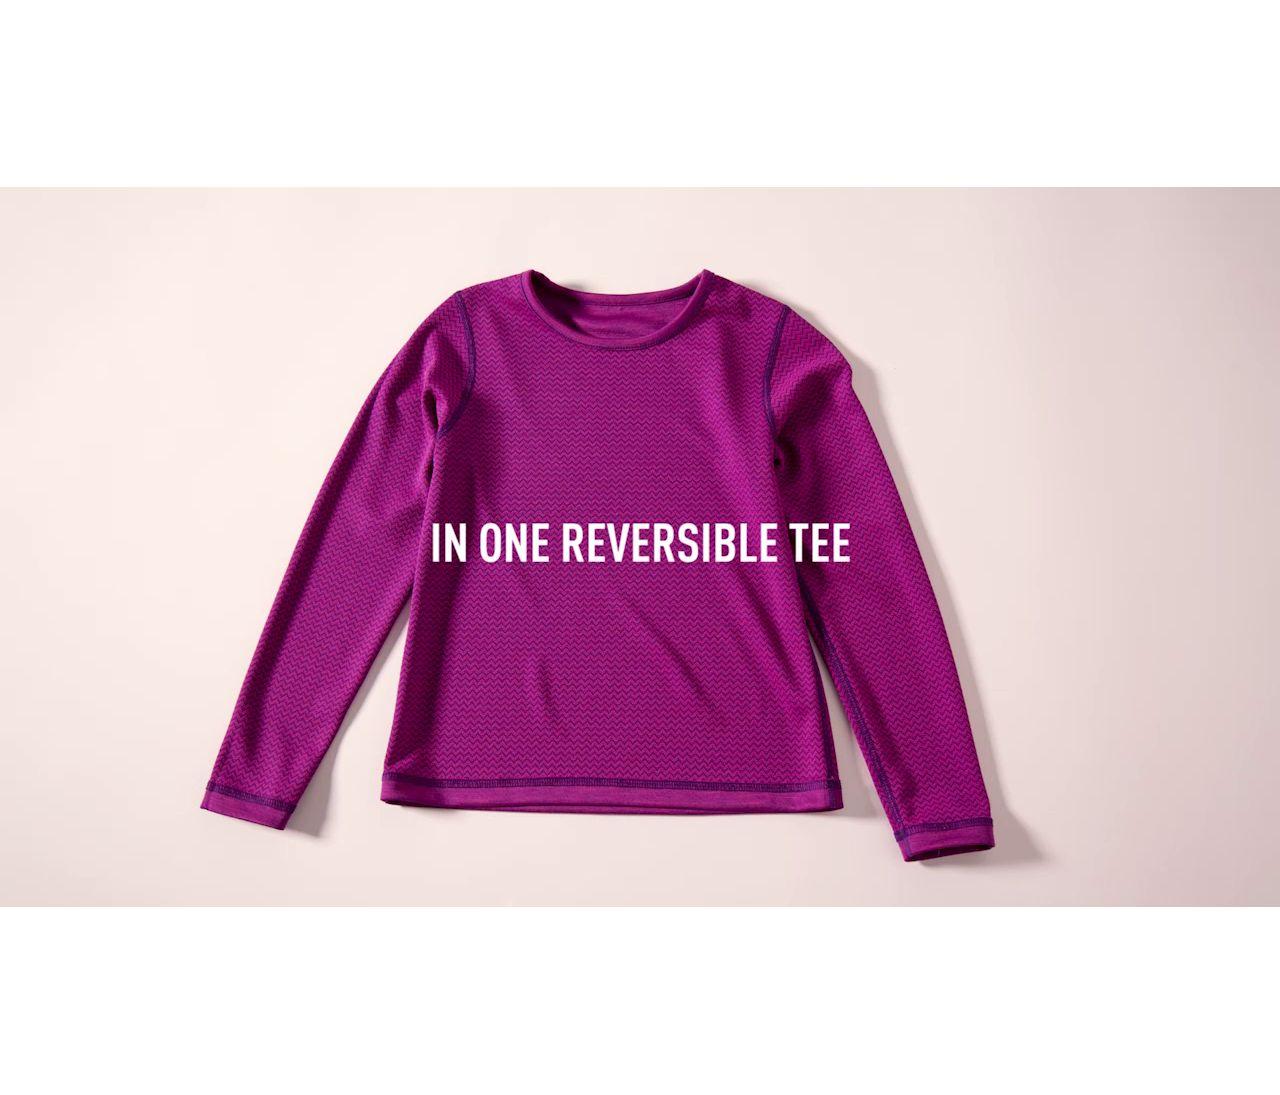 Video: Girls Reversible Long Sleeve Tee